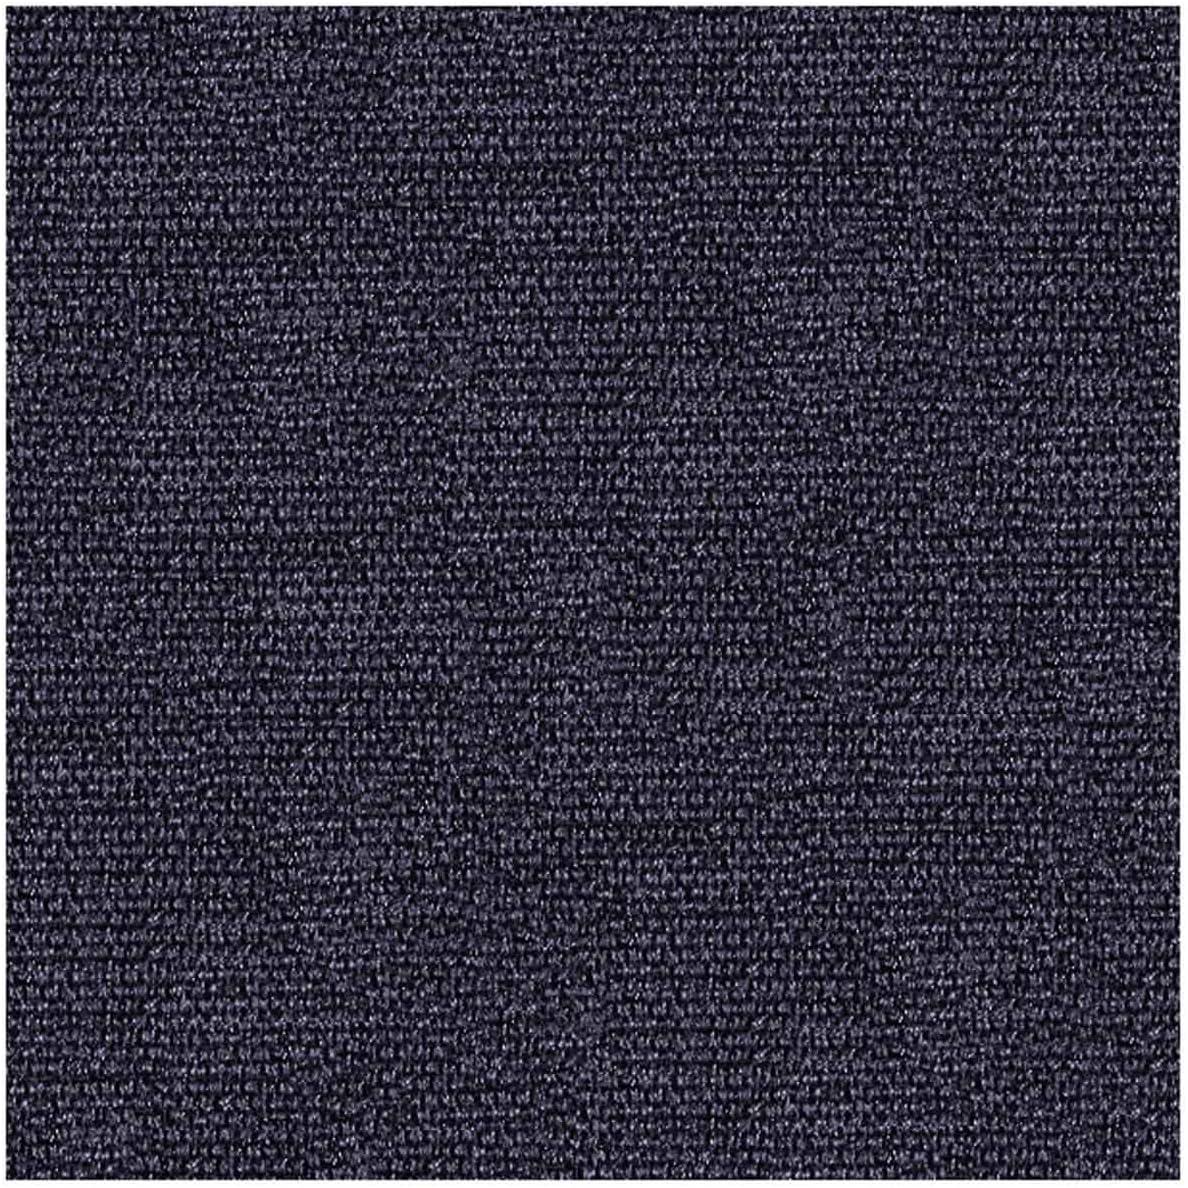 Tillman 596B 8X8 Vermiculite Impregnated Fiberglass Welding Blanket